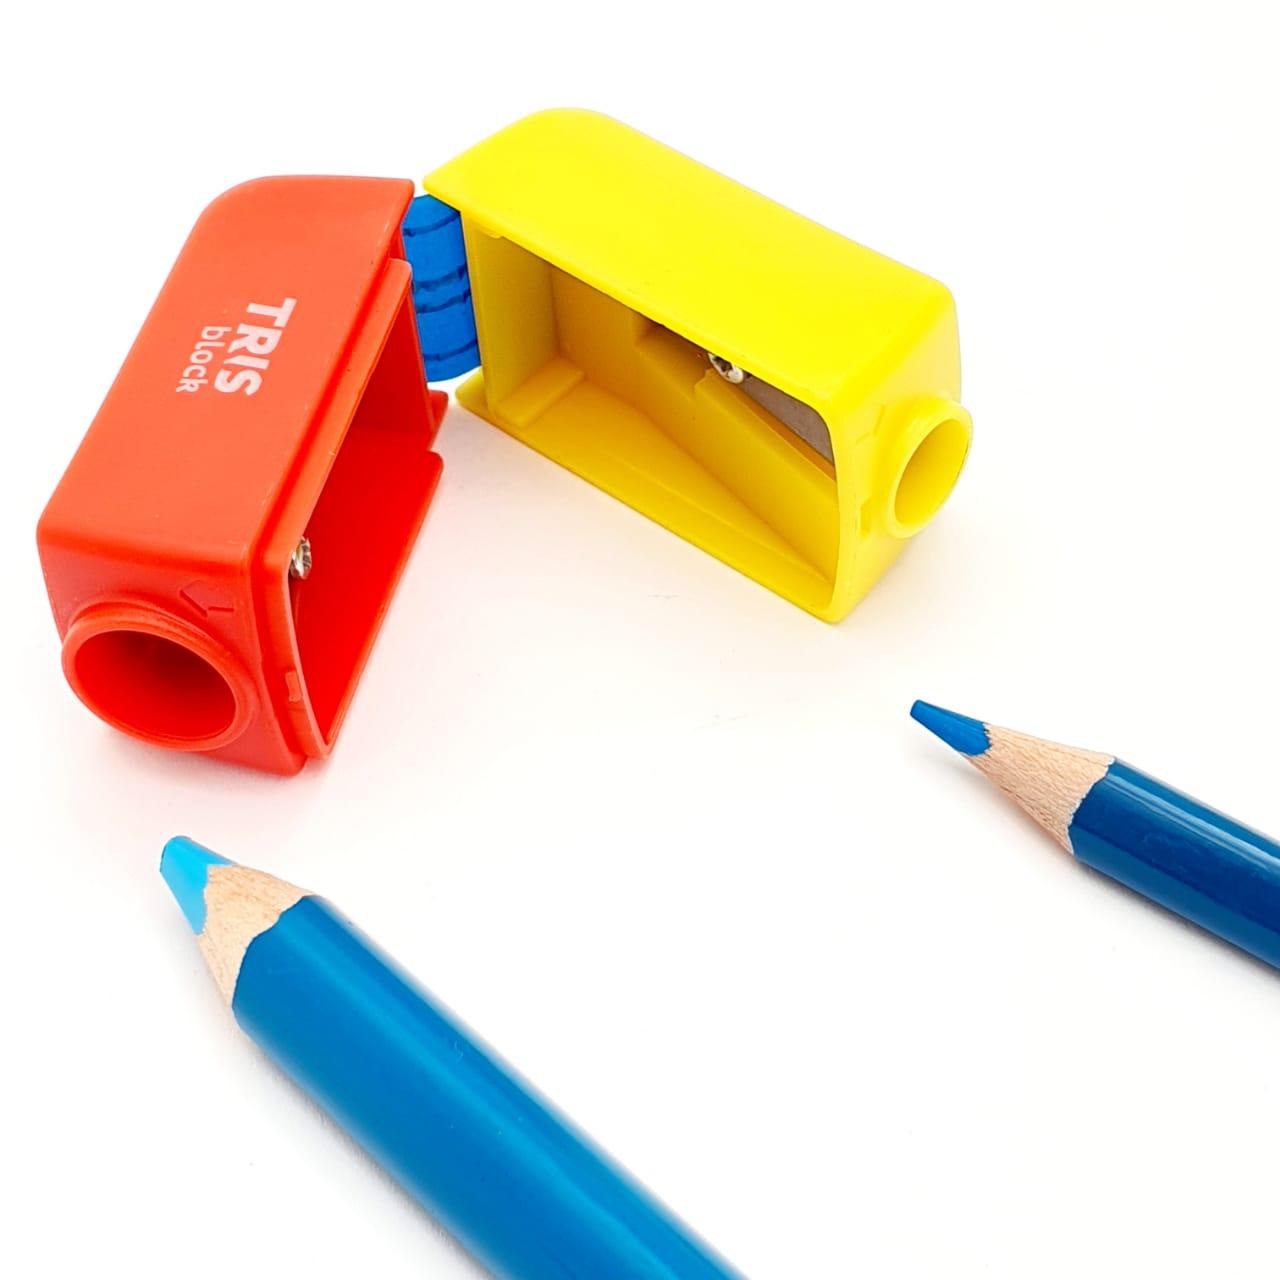 Apontador Duplo Block C/ Depósito Tris